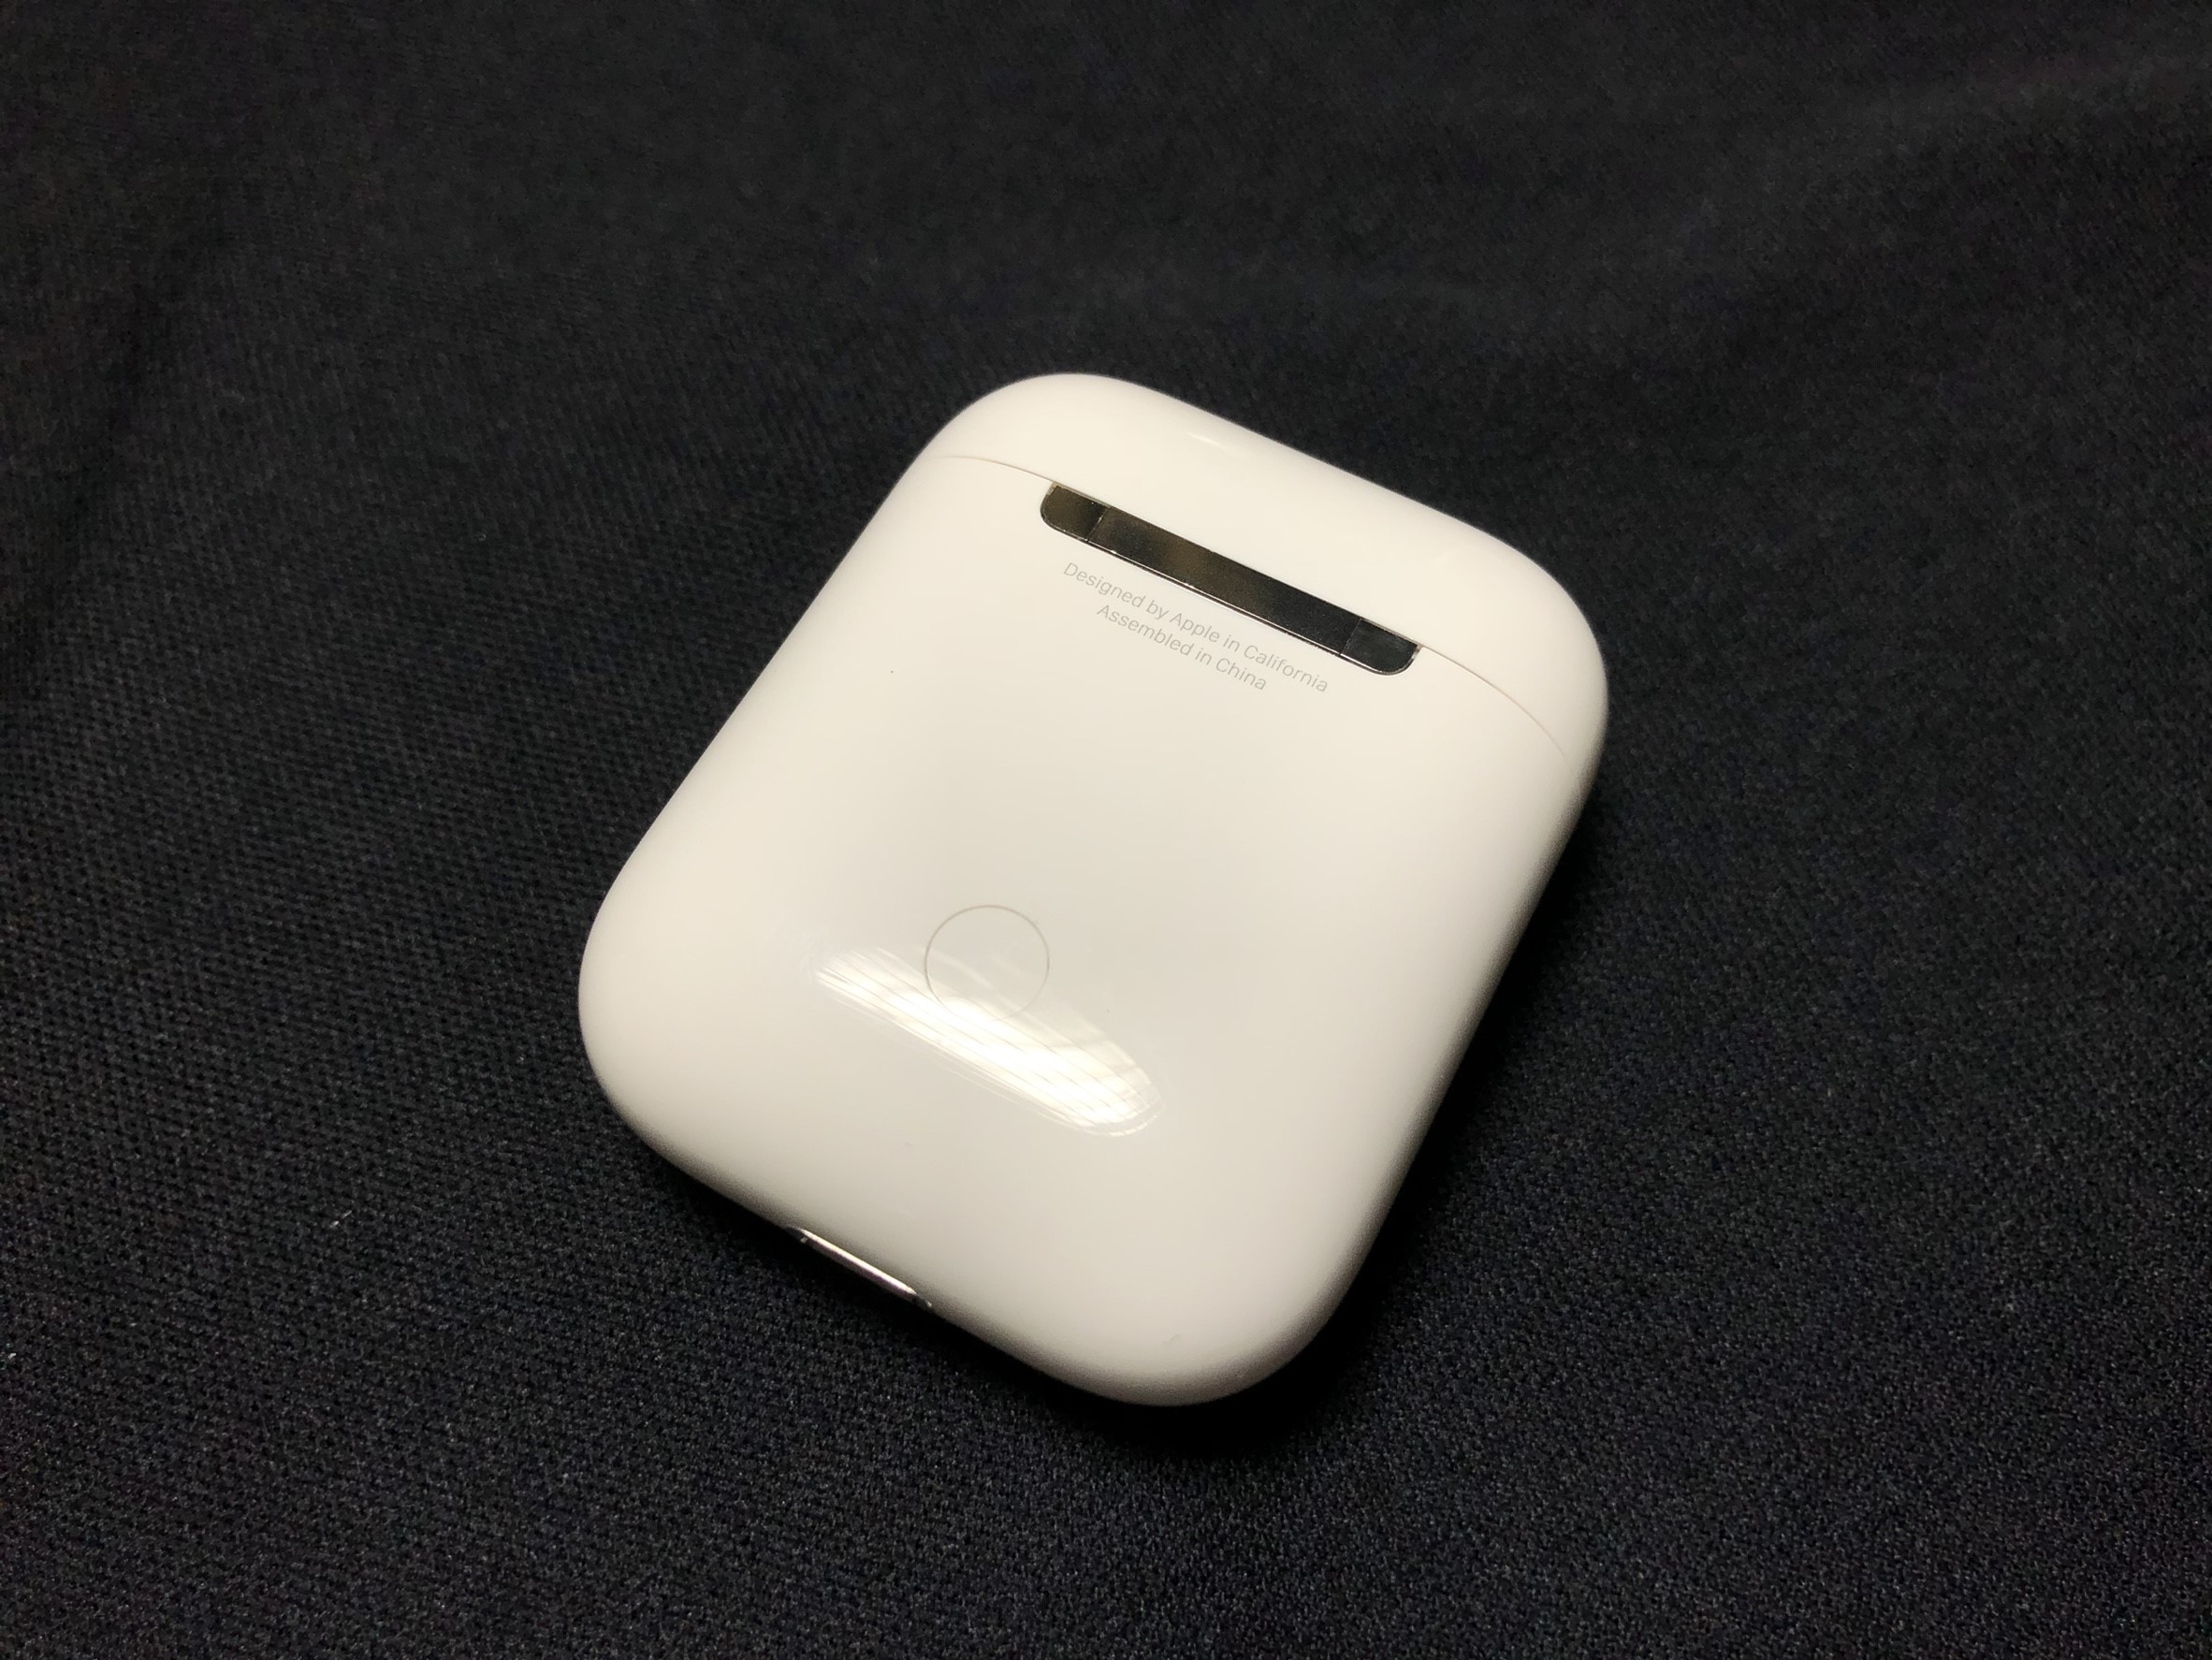 AirPods 充電盒遺失送修_180308_0010